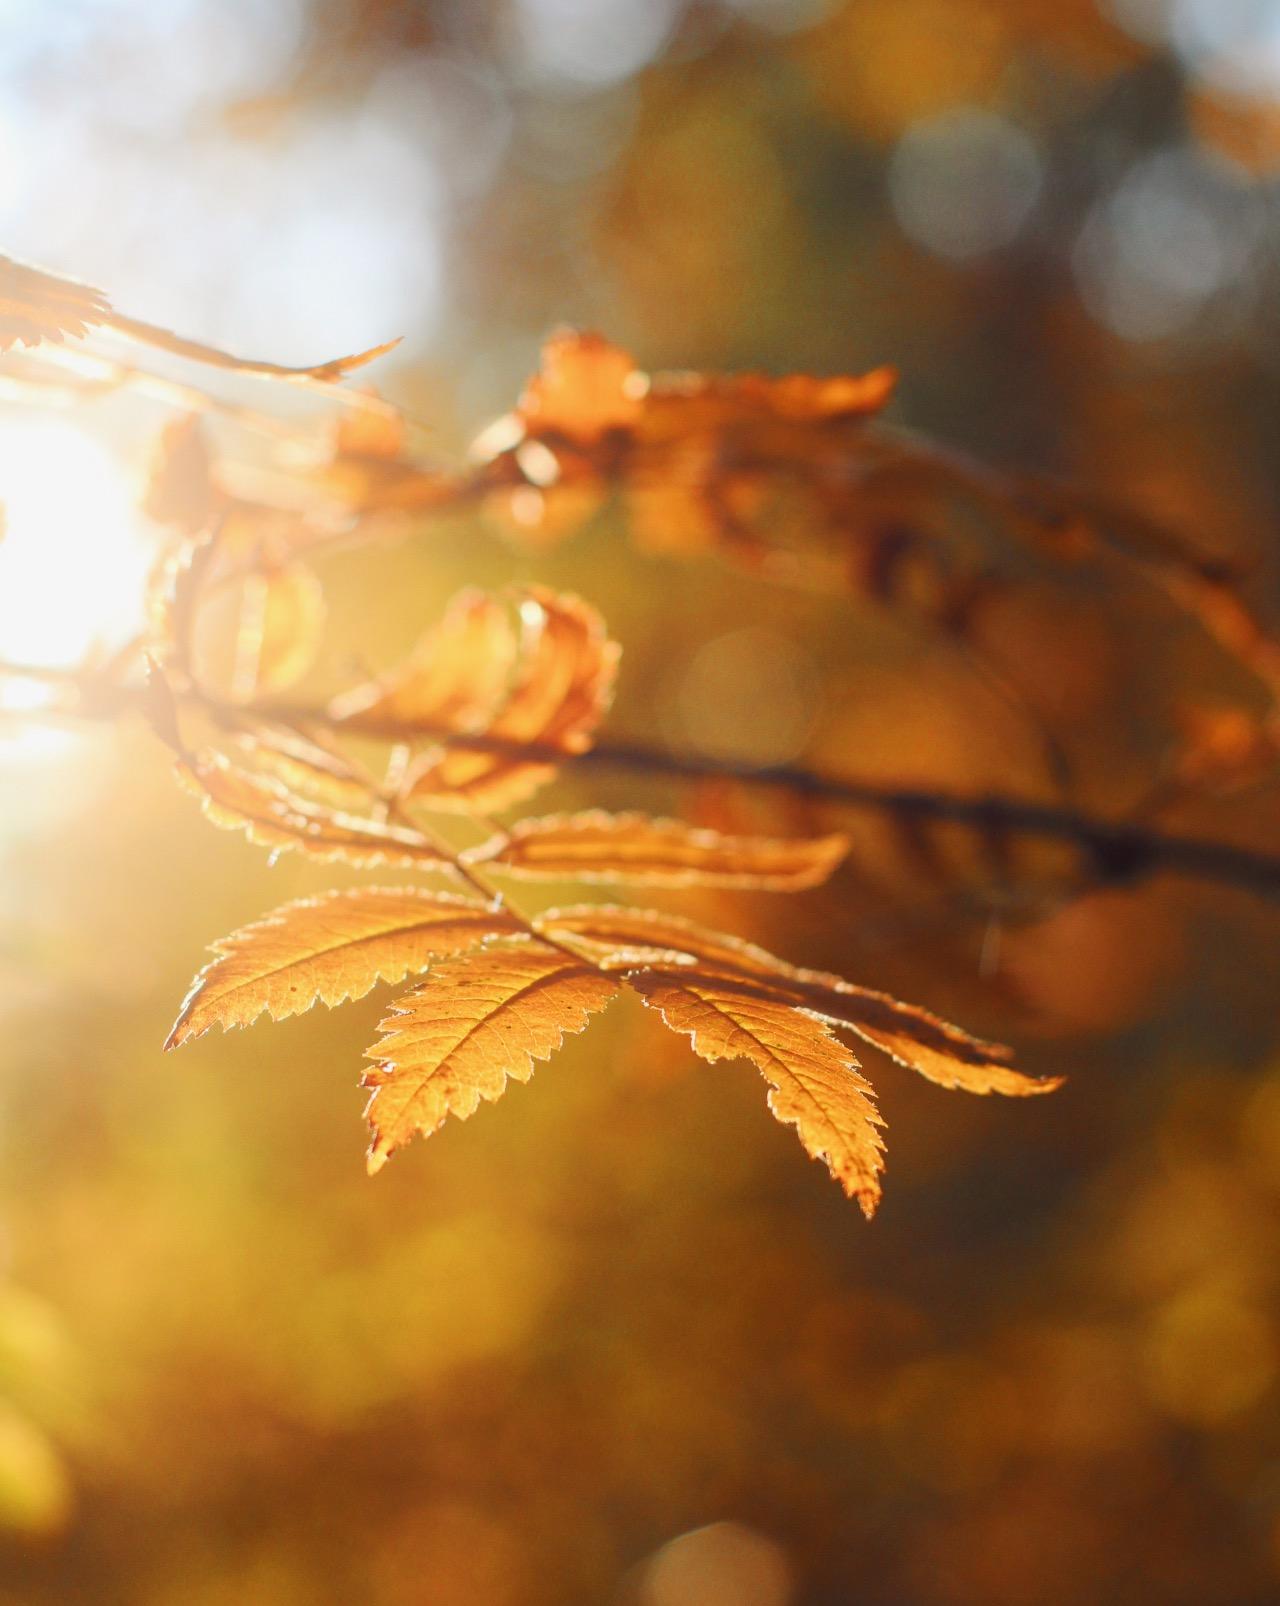 Miksi luonto tekee niin hyvää? 14 syytä lähteä luontoretkelle